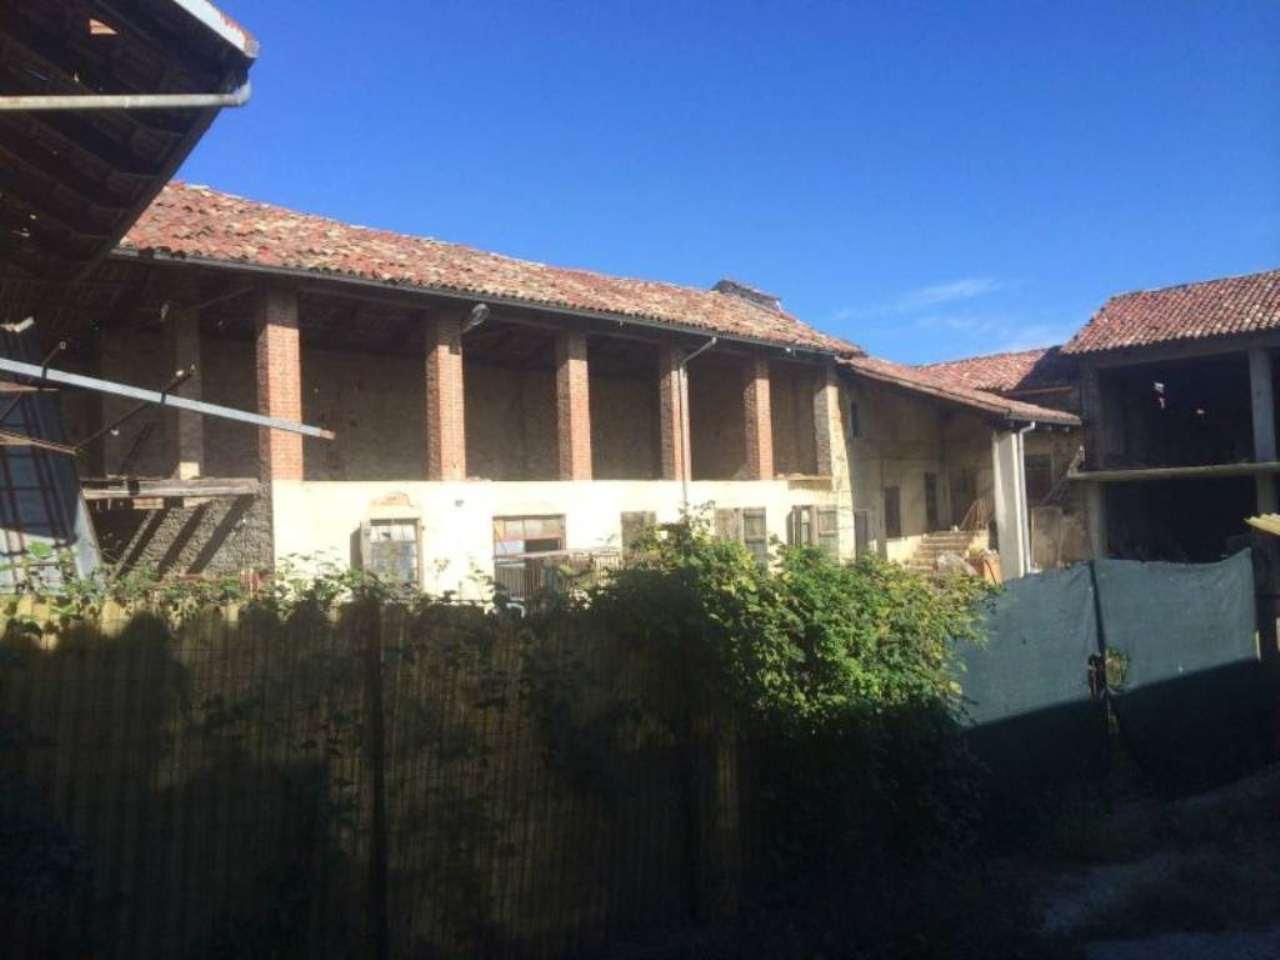 Terreno Agricolo in vendita a Cocconato, 10 locali, prezzo € 440.000 | CambioCasa.it